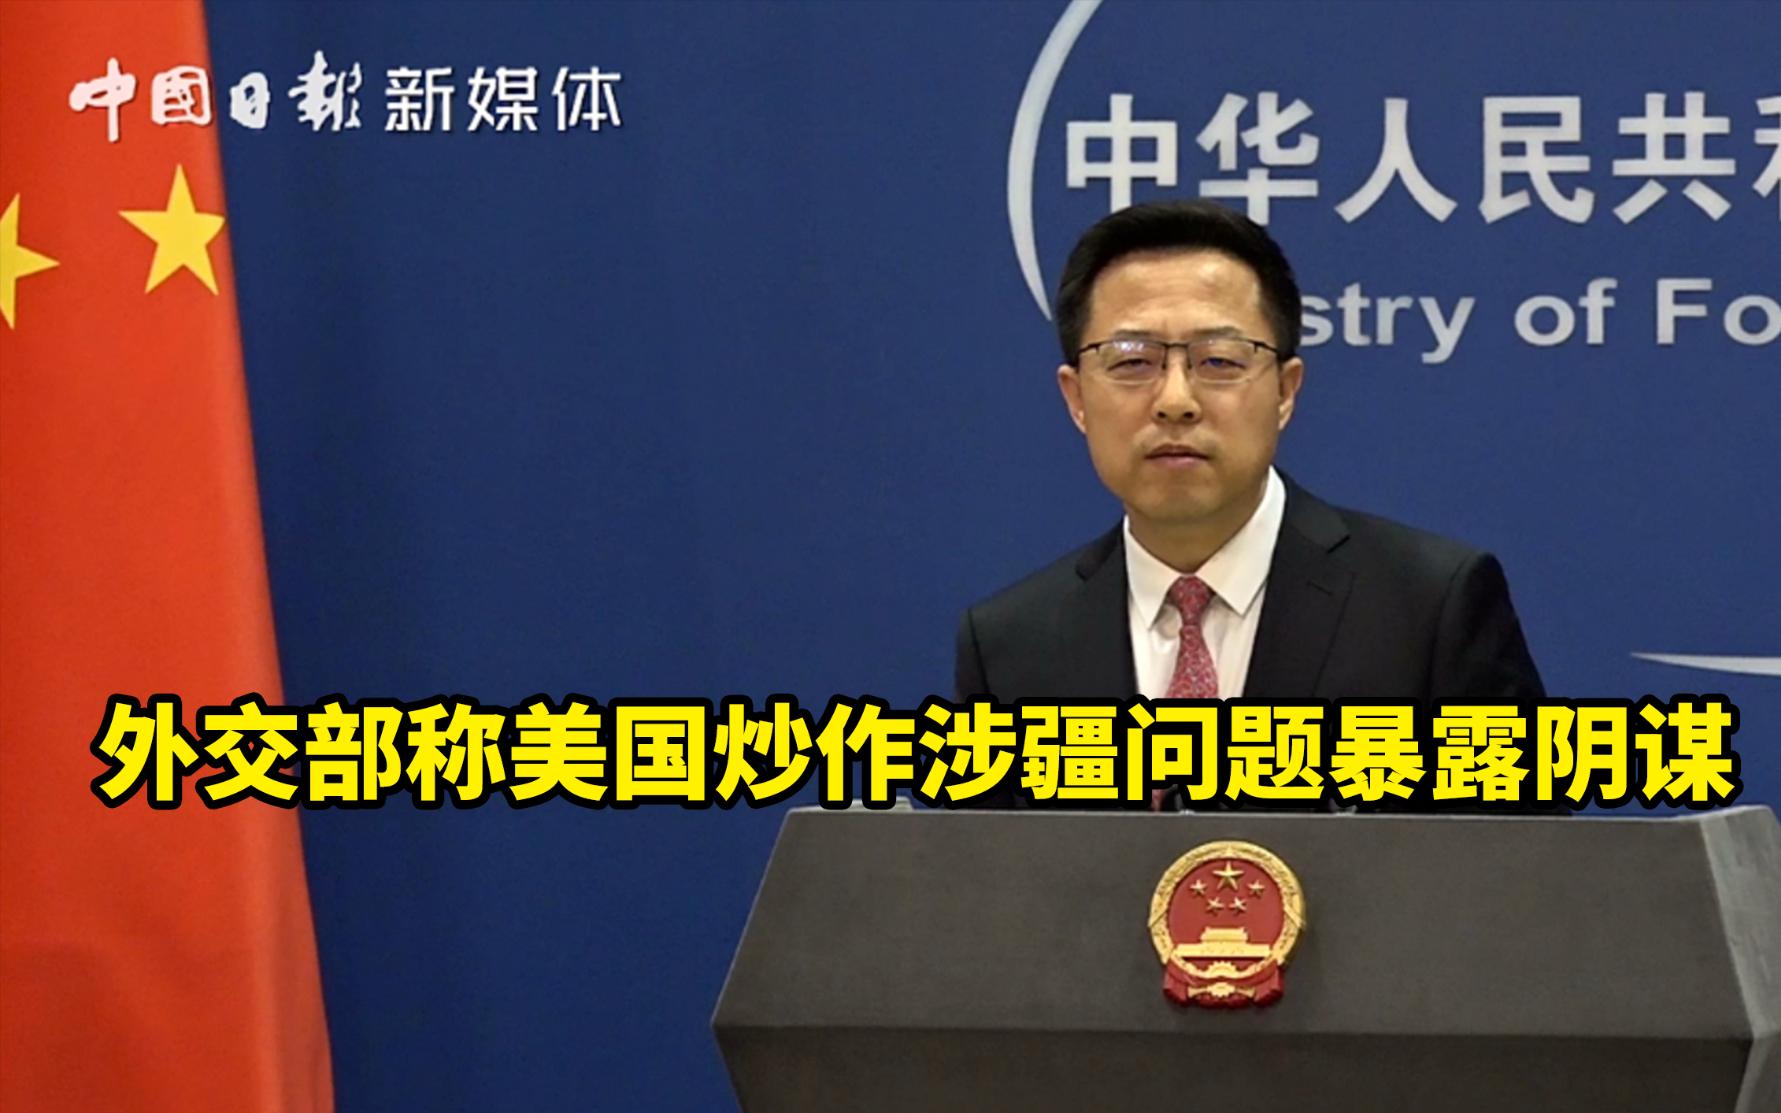 外交部称美国炒作涉疆问题暴露阴谋:以疆制华 挑拨关系 掩盖劣迹